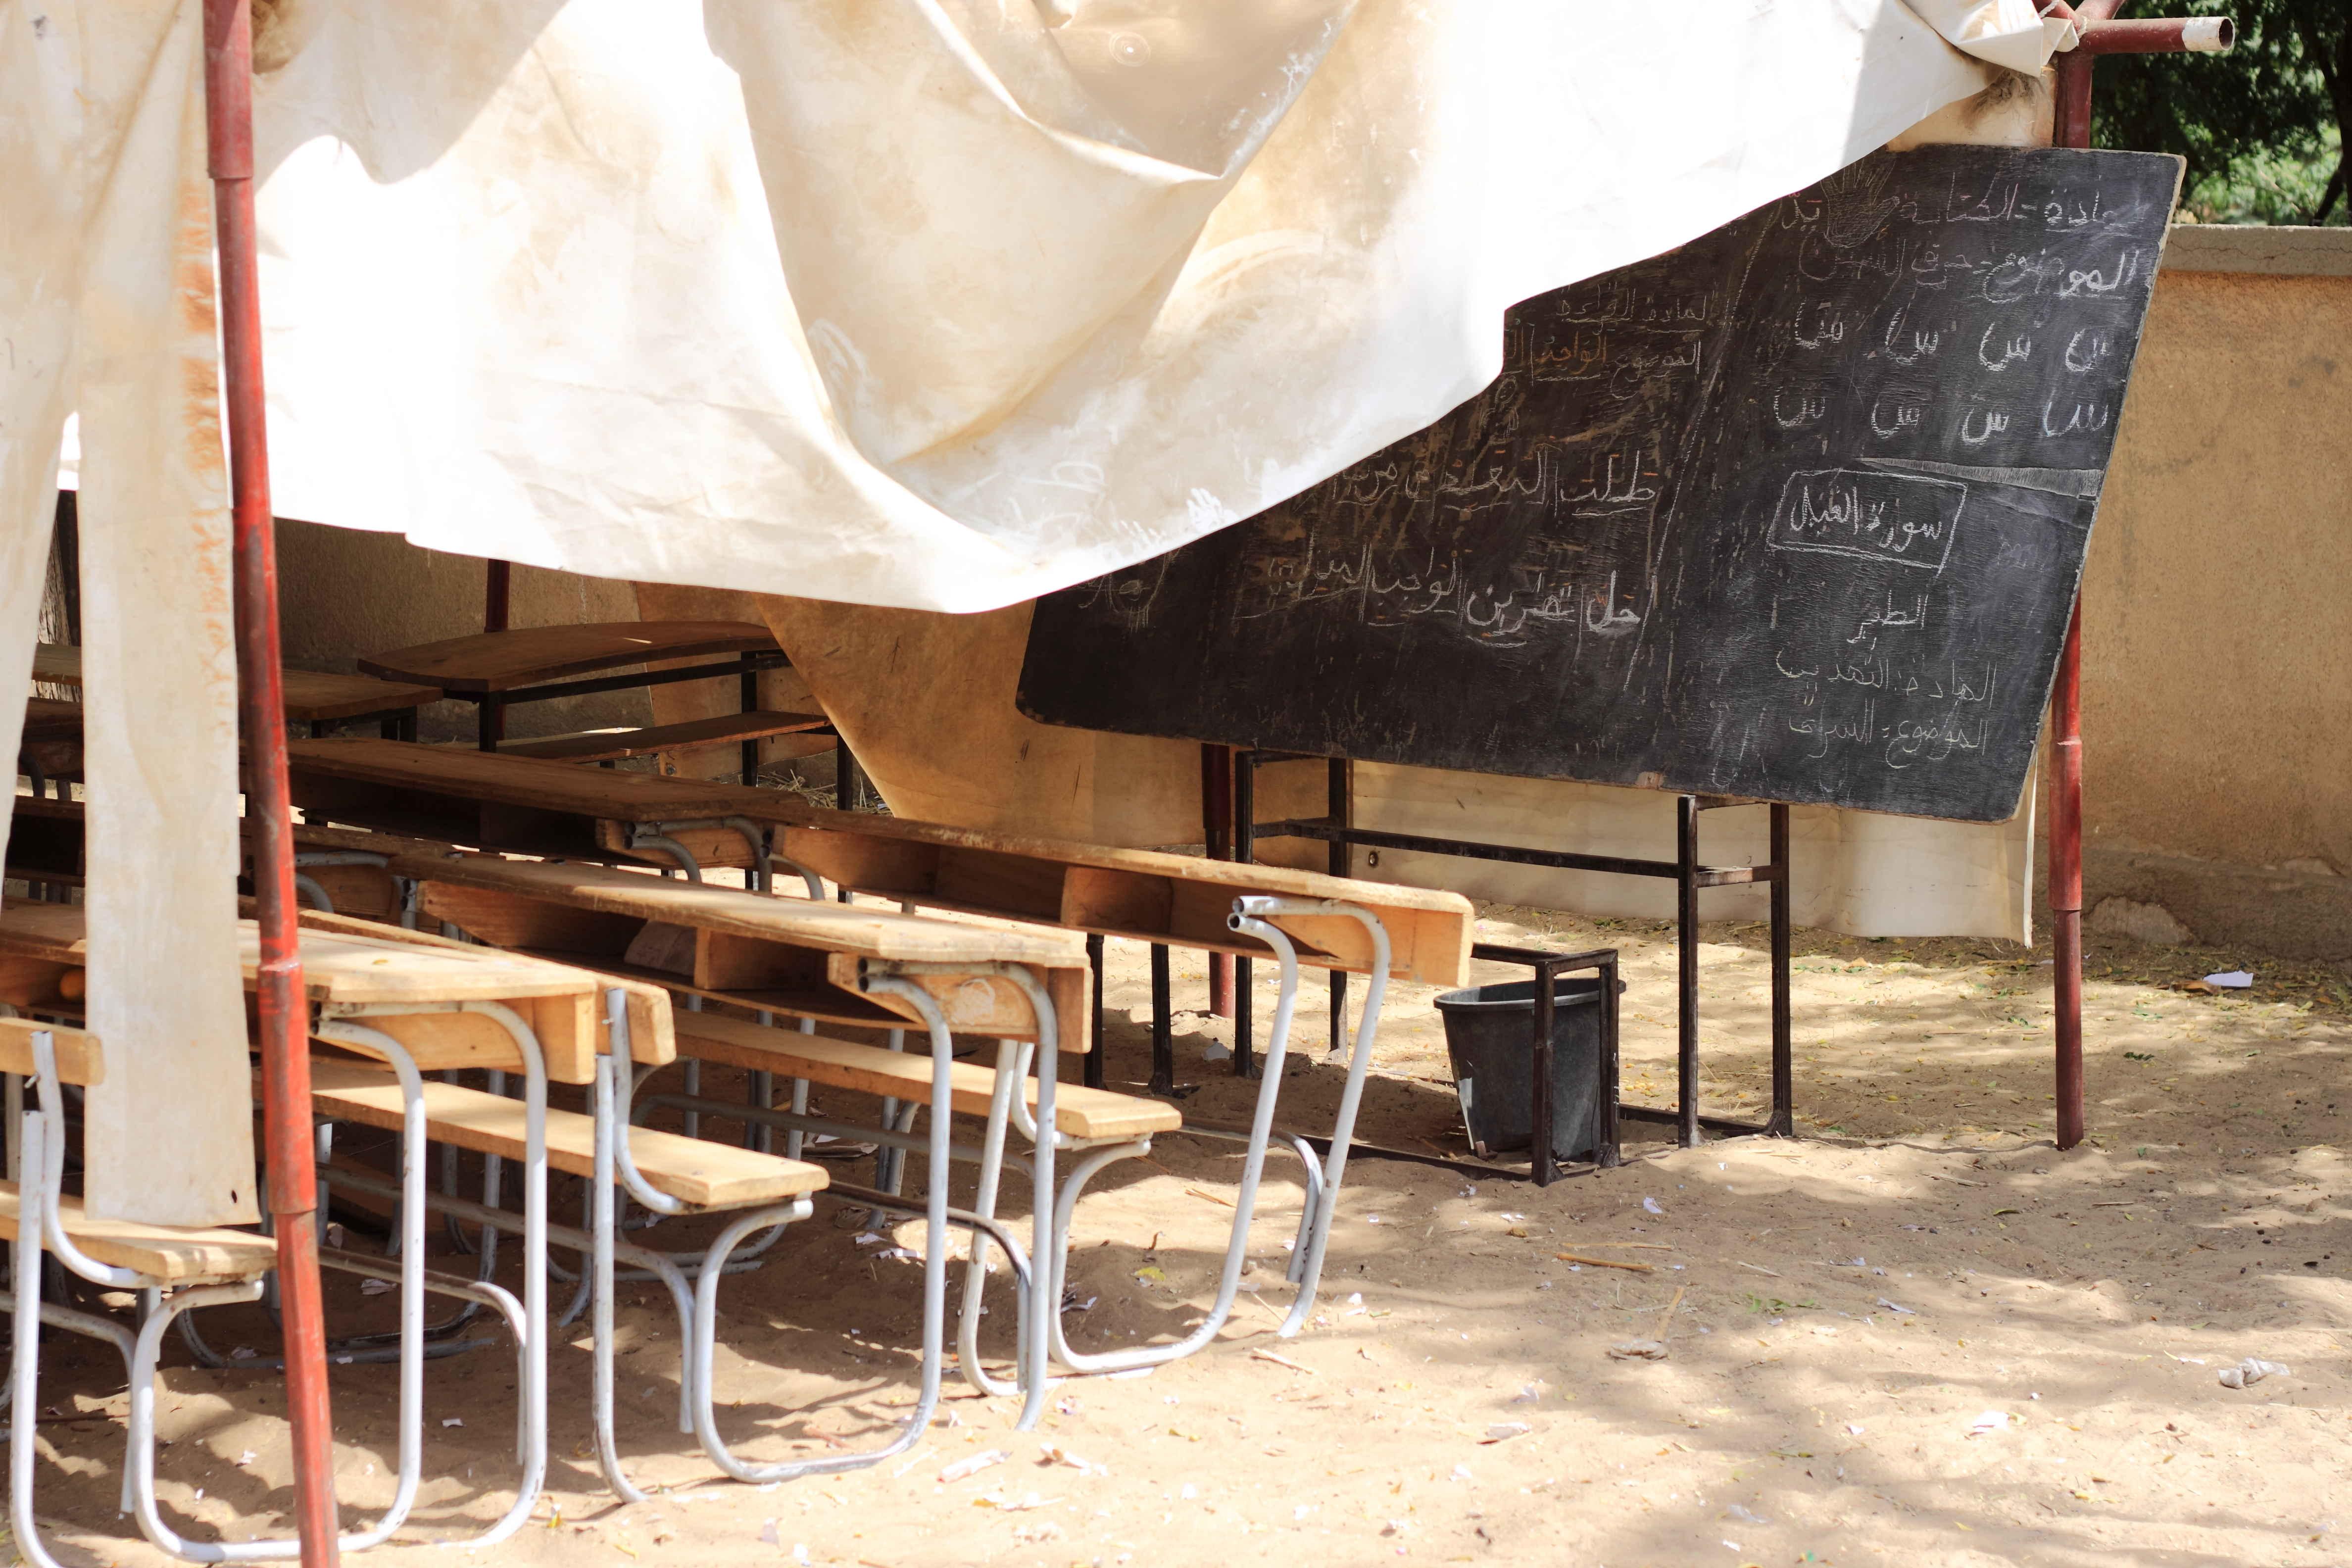 Emergency school in the Diffa region ©REACH/2018